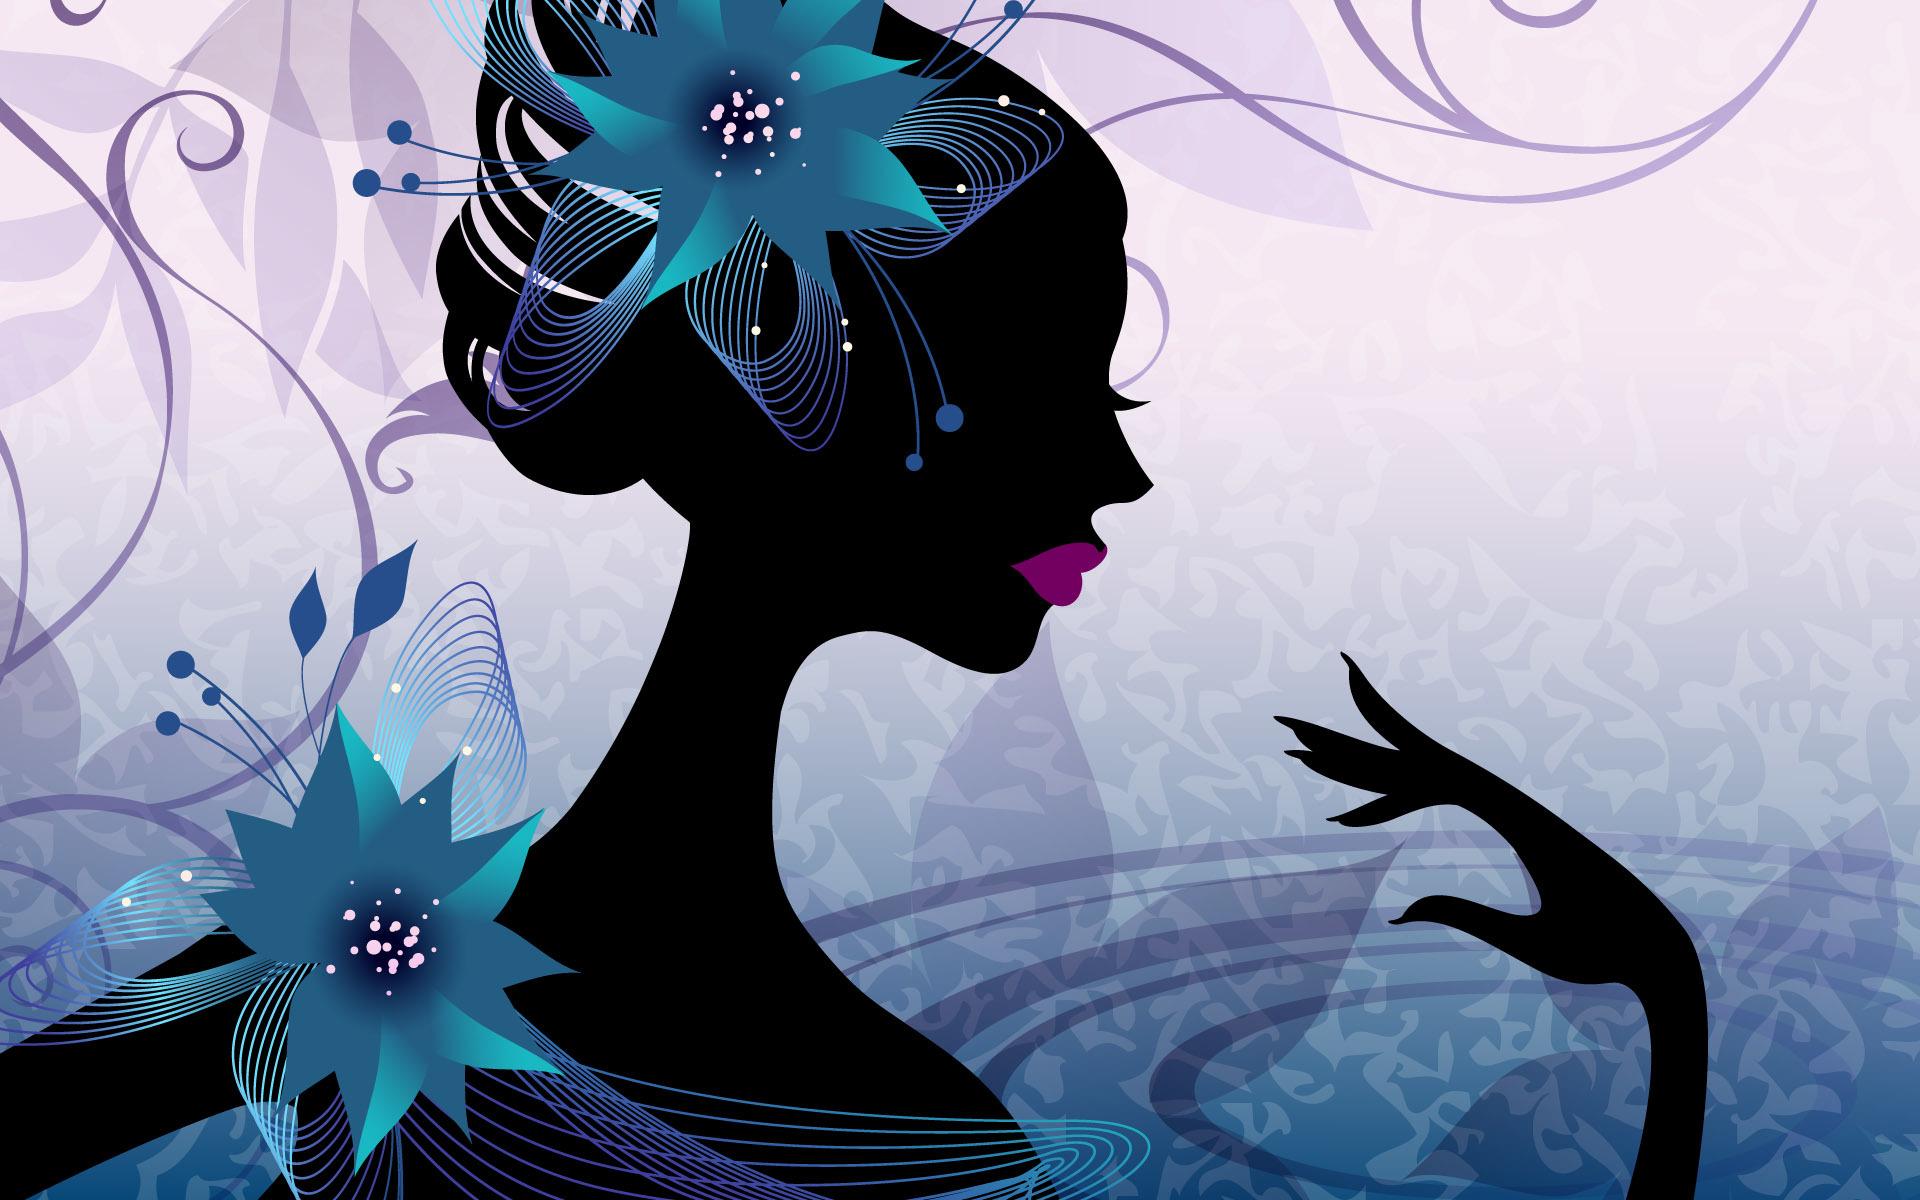 графика абстракция девушка цветы graphics abstraction girl flowers  № 2062433 бесплатно